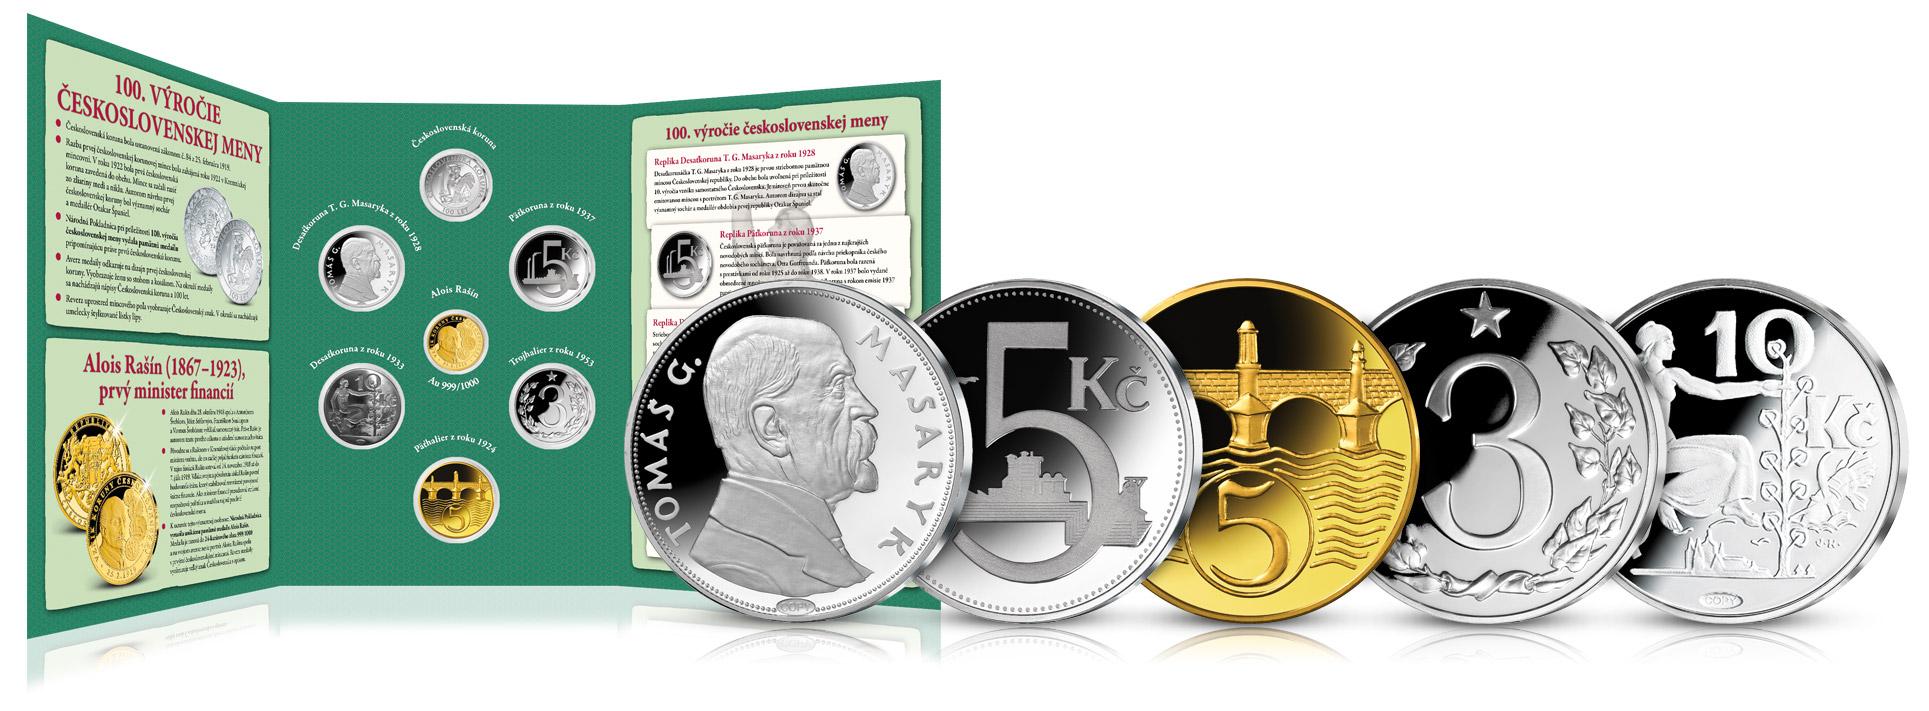 Ďalšie numizmaty a jedinečný numizmatický album k ich uloženiu